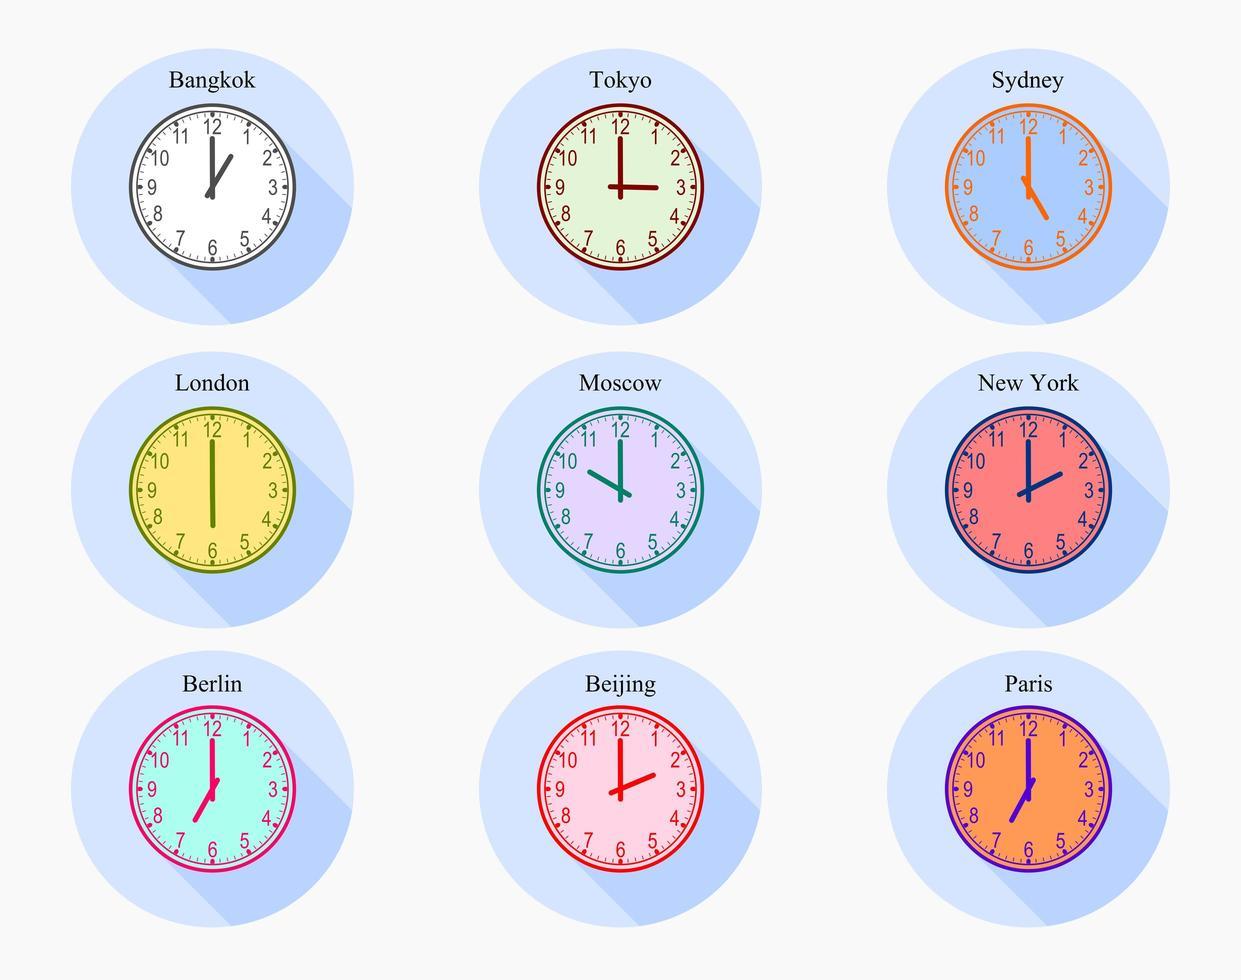 conjunto de relojes analógicos de zona horaria mundial vector